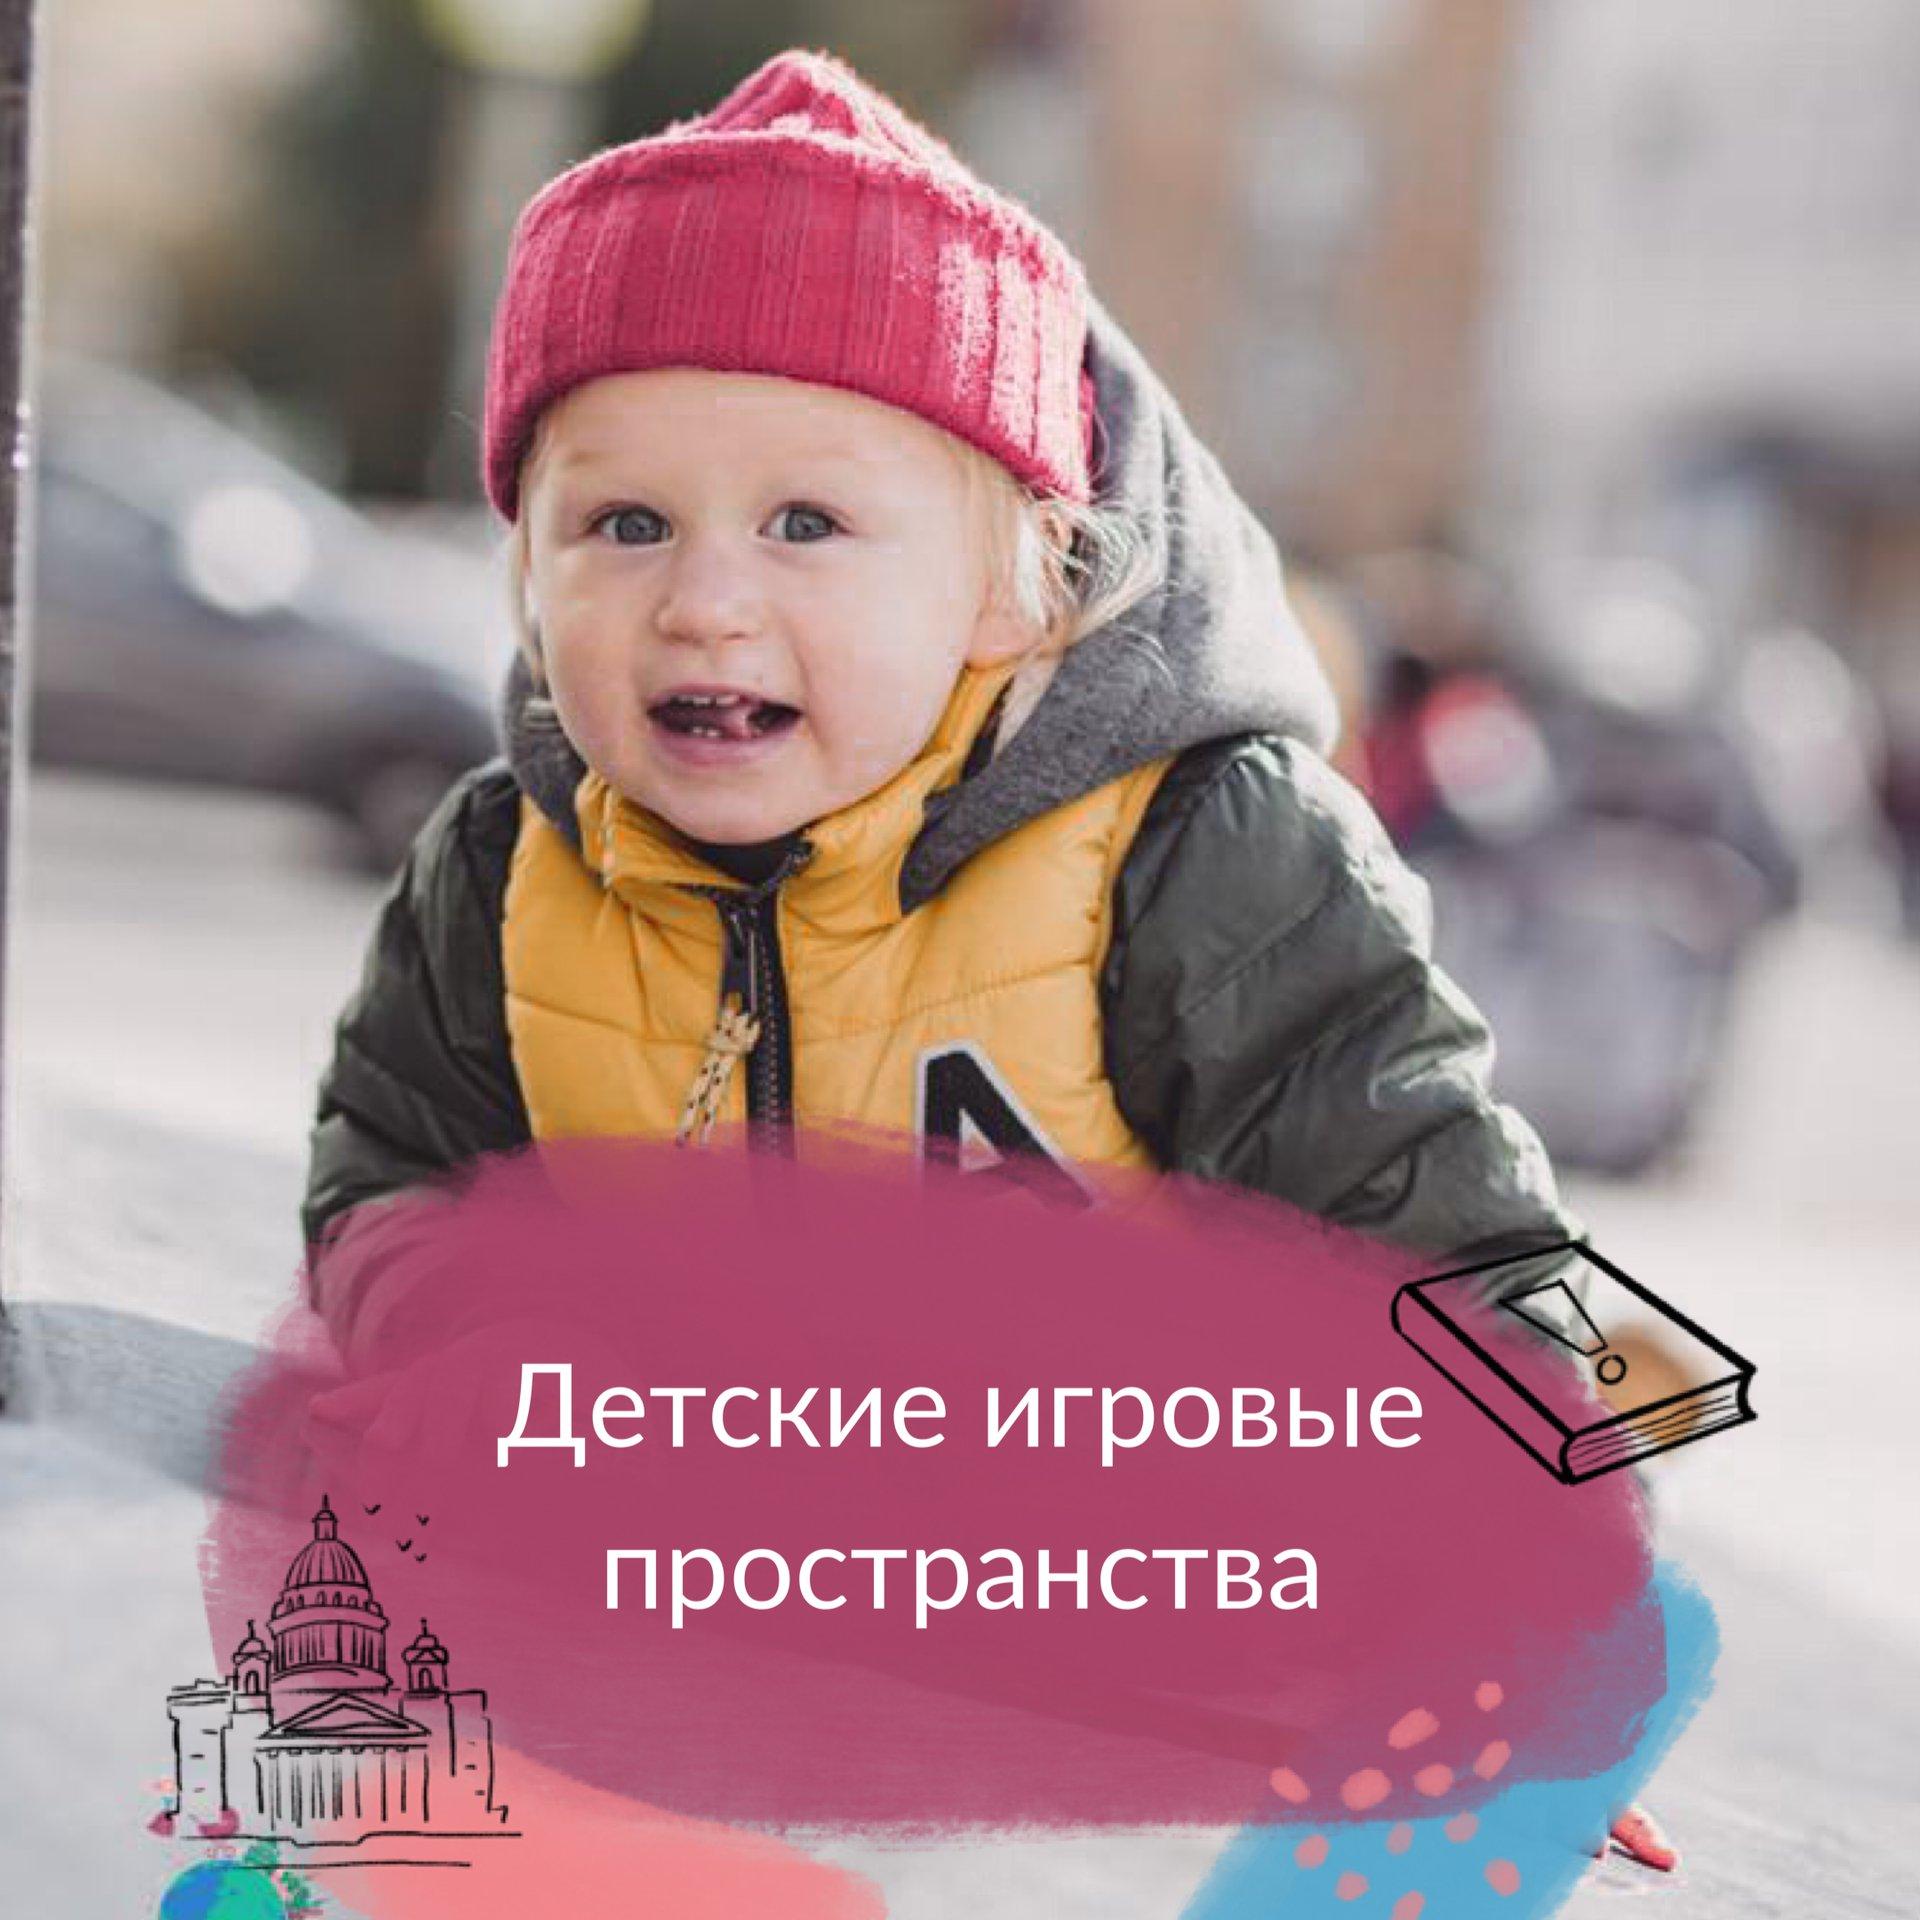 Детские игровые пространства Москвы